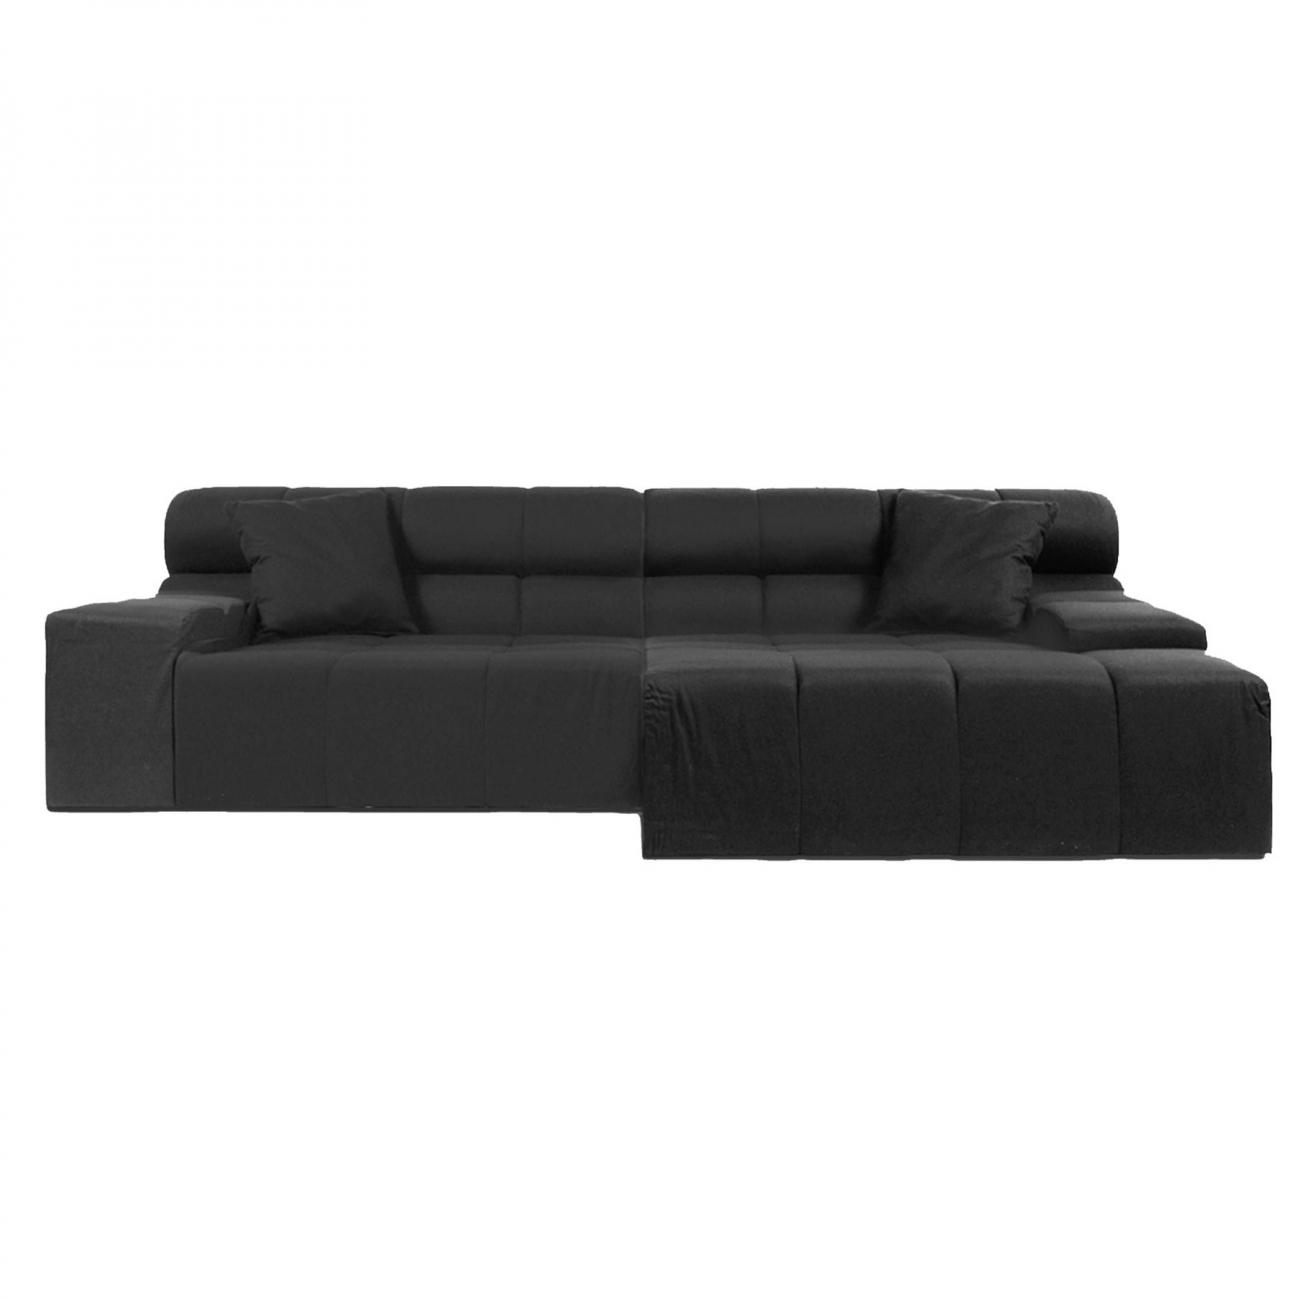 Купить Диван Tufty-Time Sofa Чёрная Шерсть в интернет магазине дизайнерской мебели и аксессуаров для дома и дачи